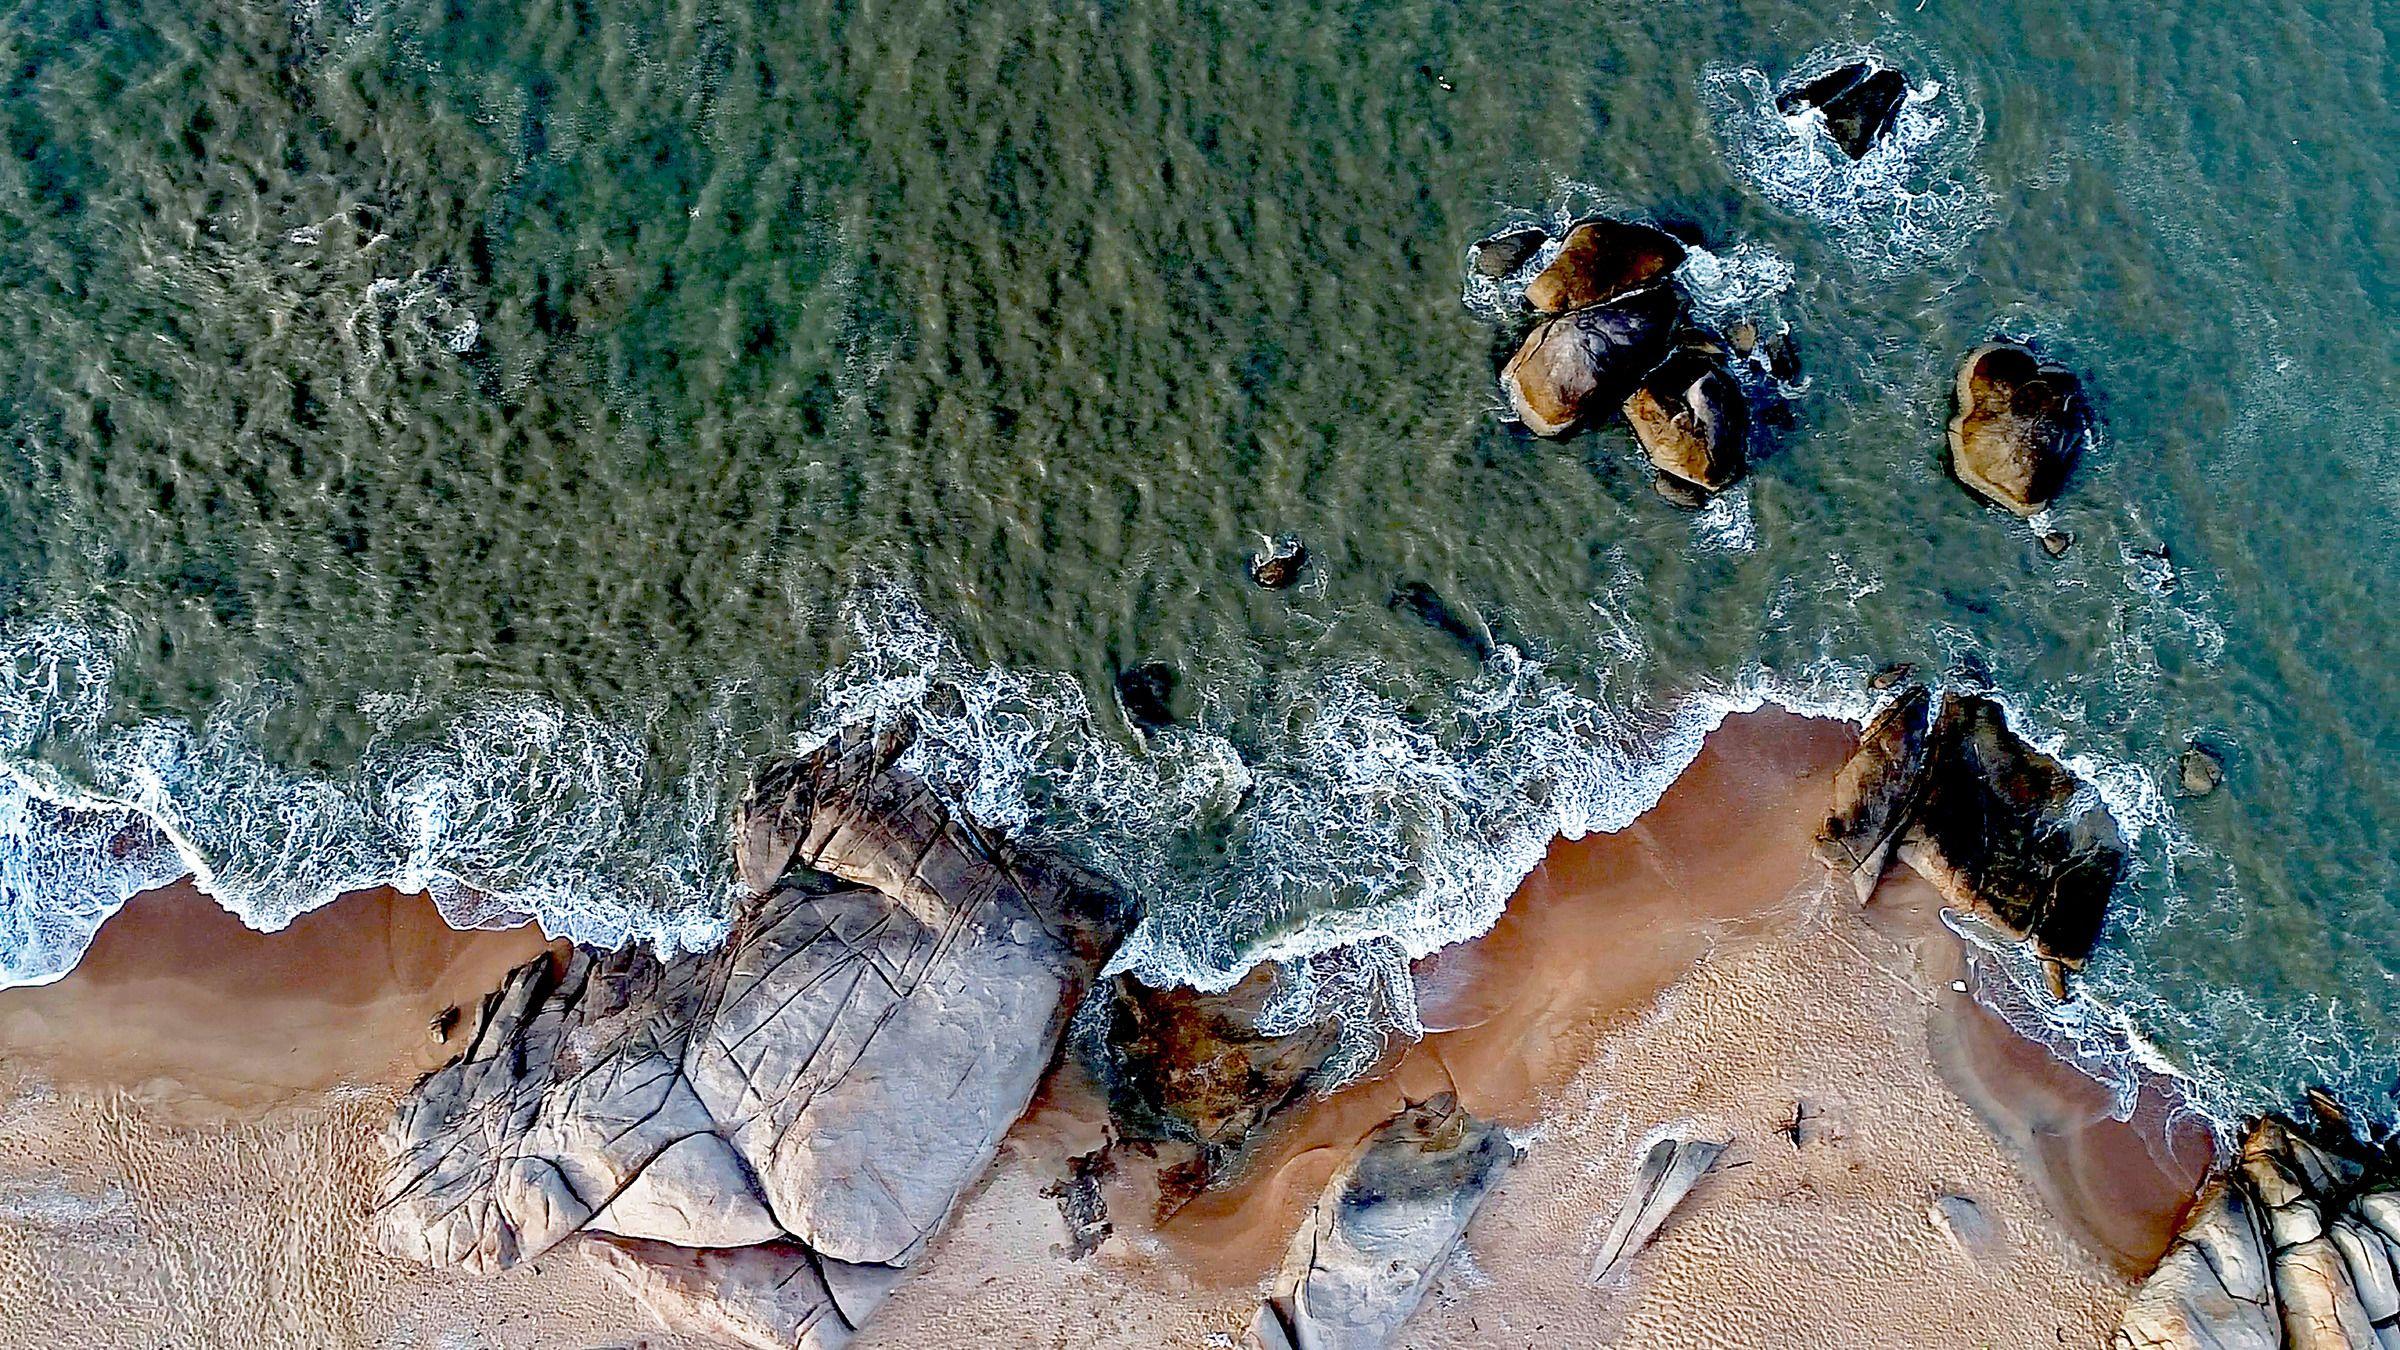 Hồ Tràm - bờ biển đẹp như tranh vẽ ngay ở Vũng Tàu khiến du khách